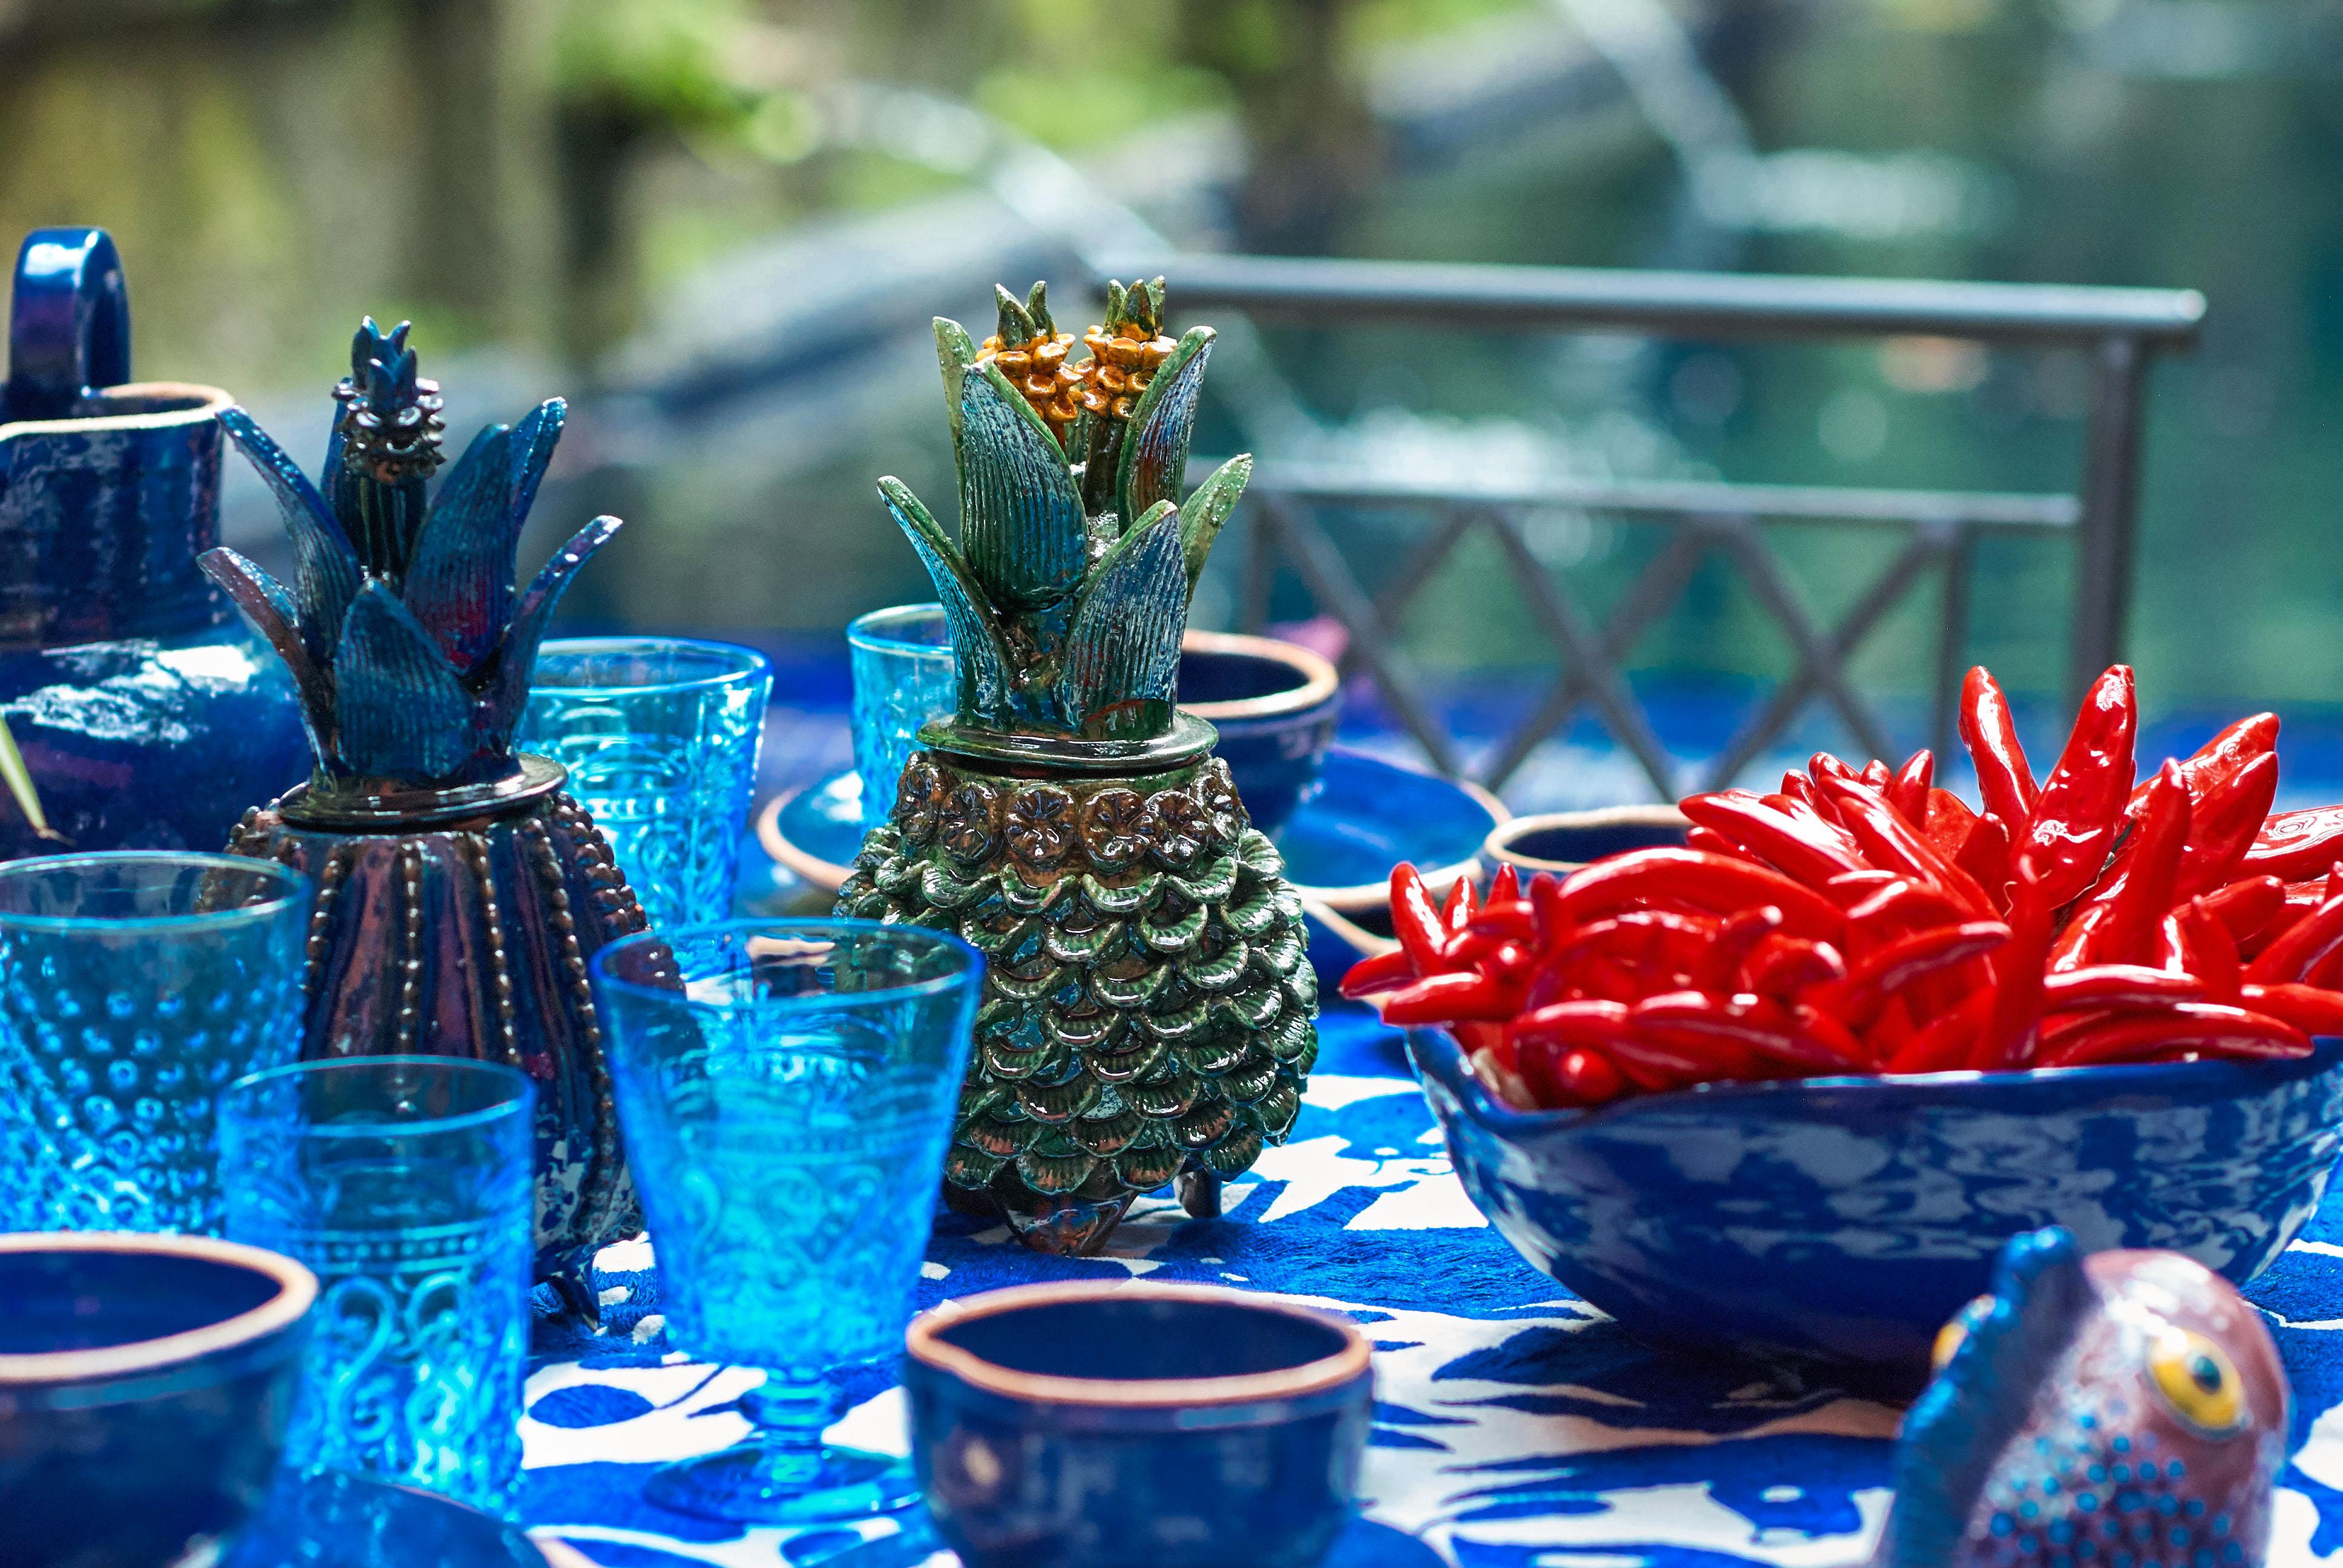 Copa azul tallada